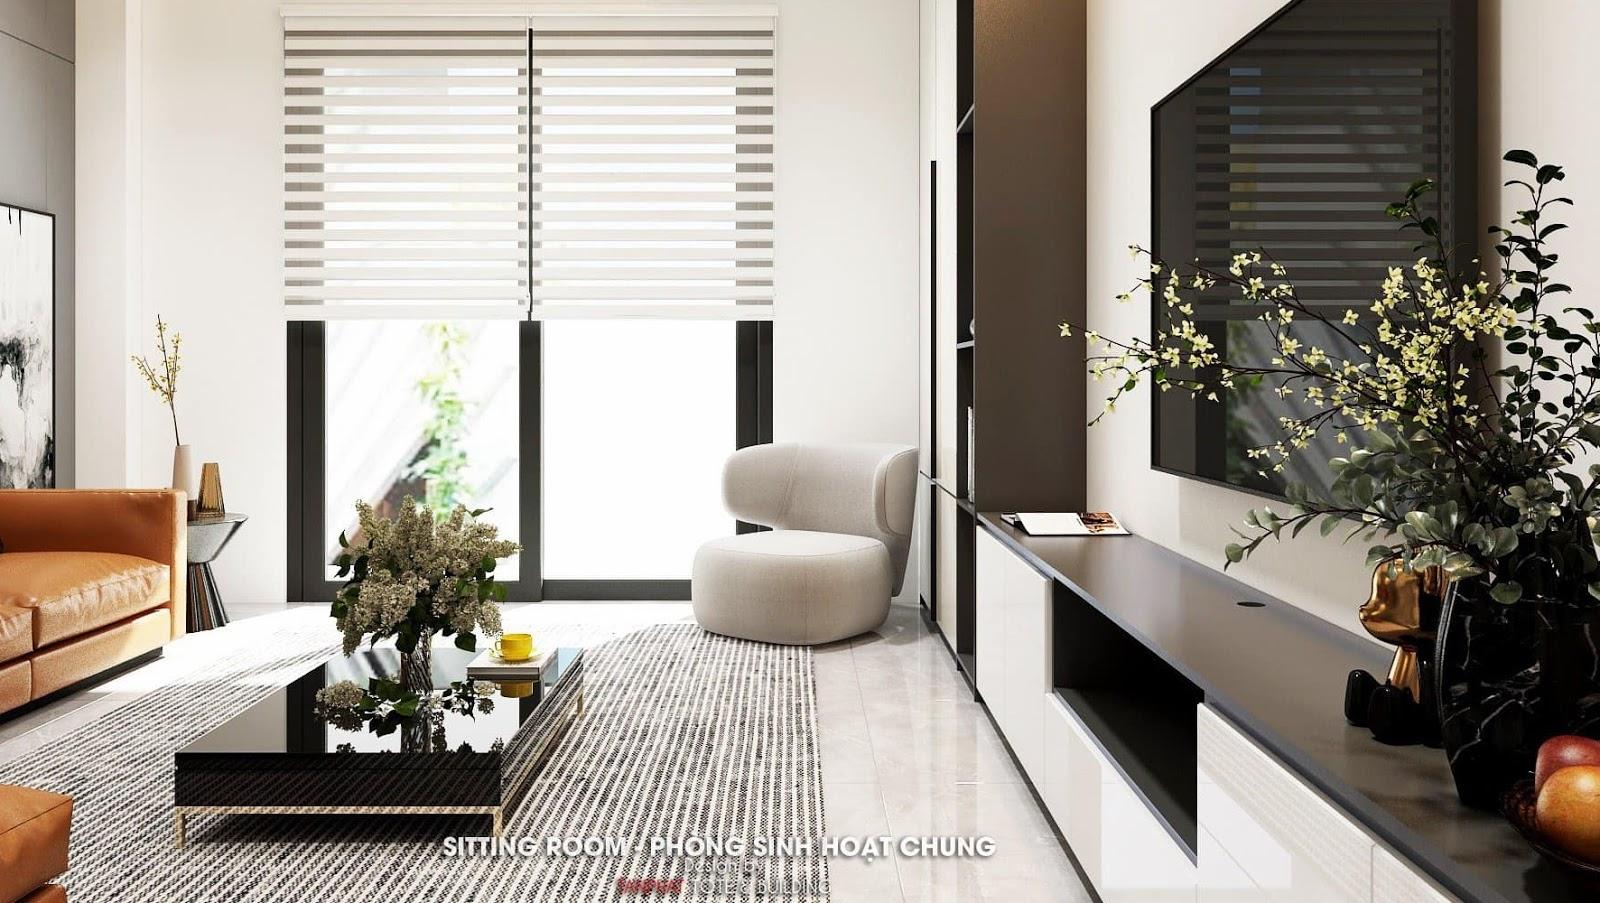 chi phí thiết kế nội thất căn hộ Quy Nhơn